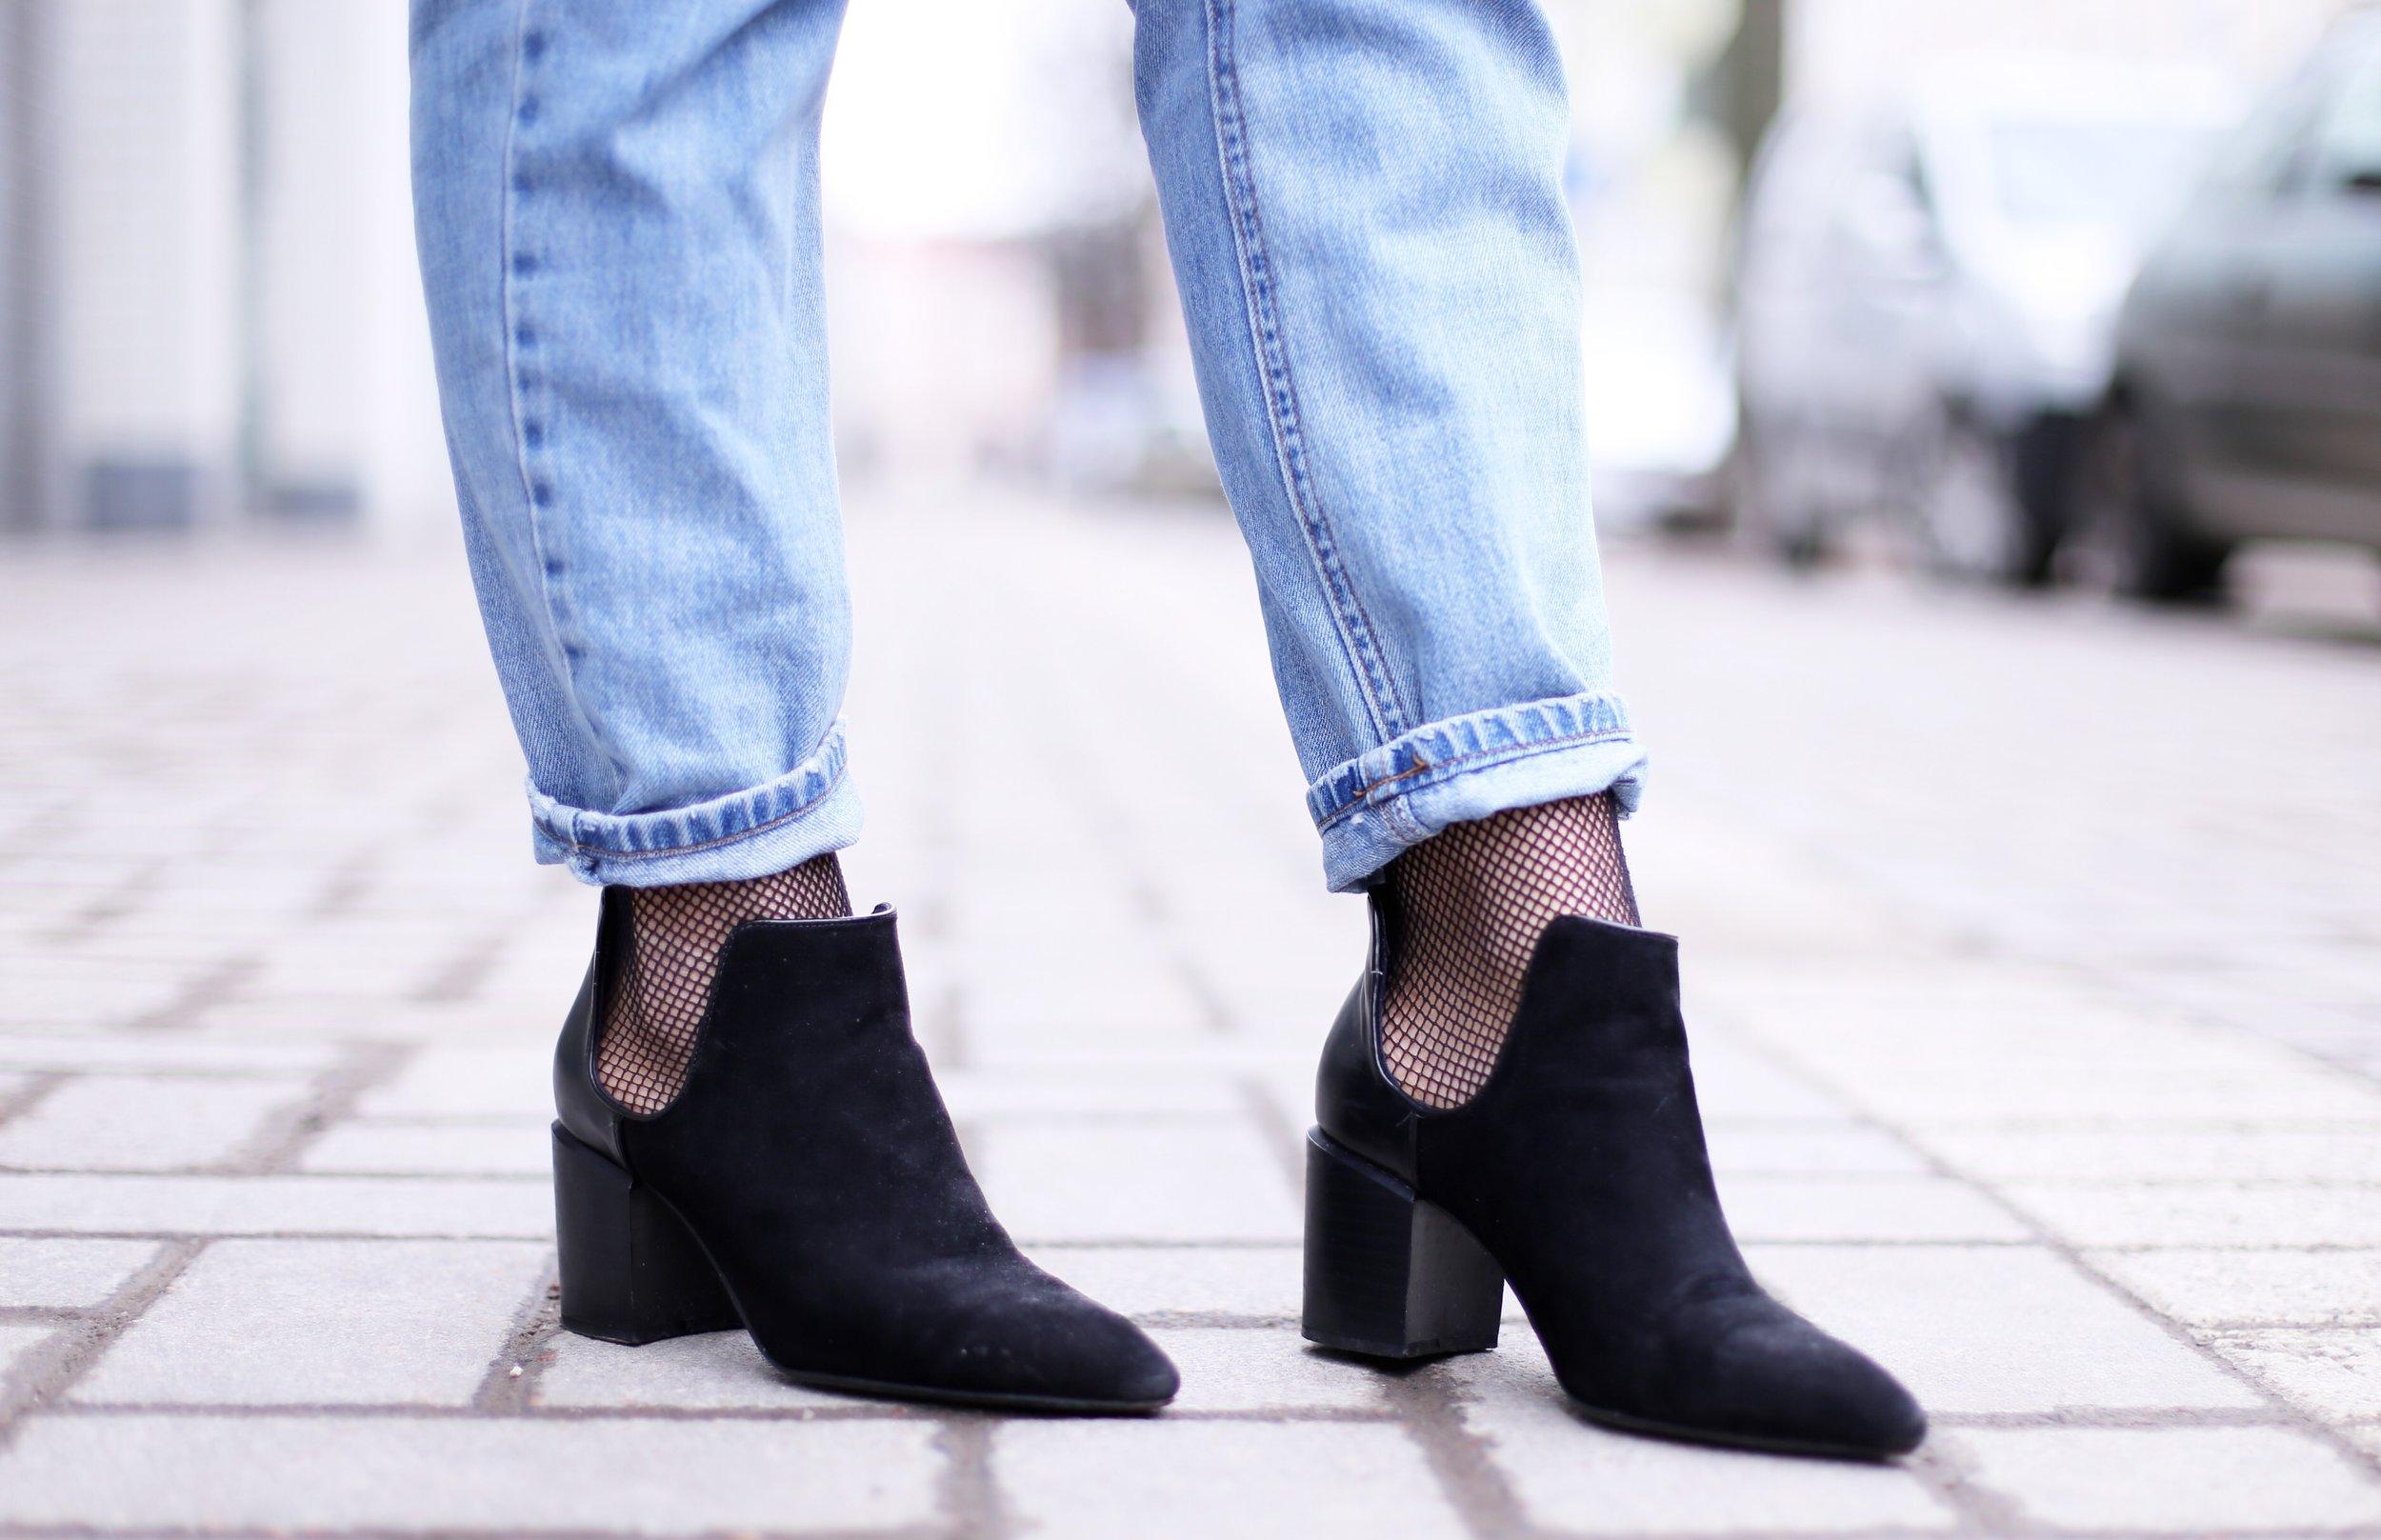 Kengät ja sukar.jpg